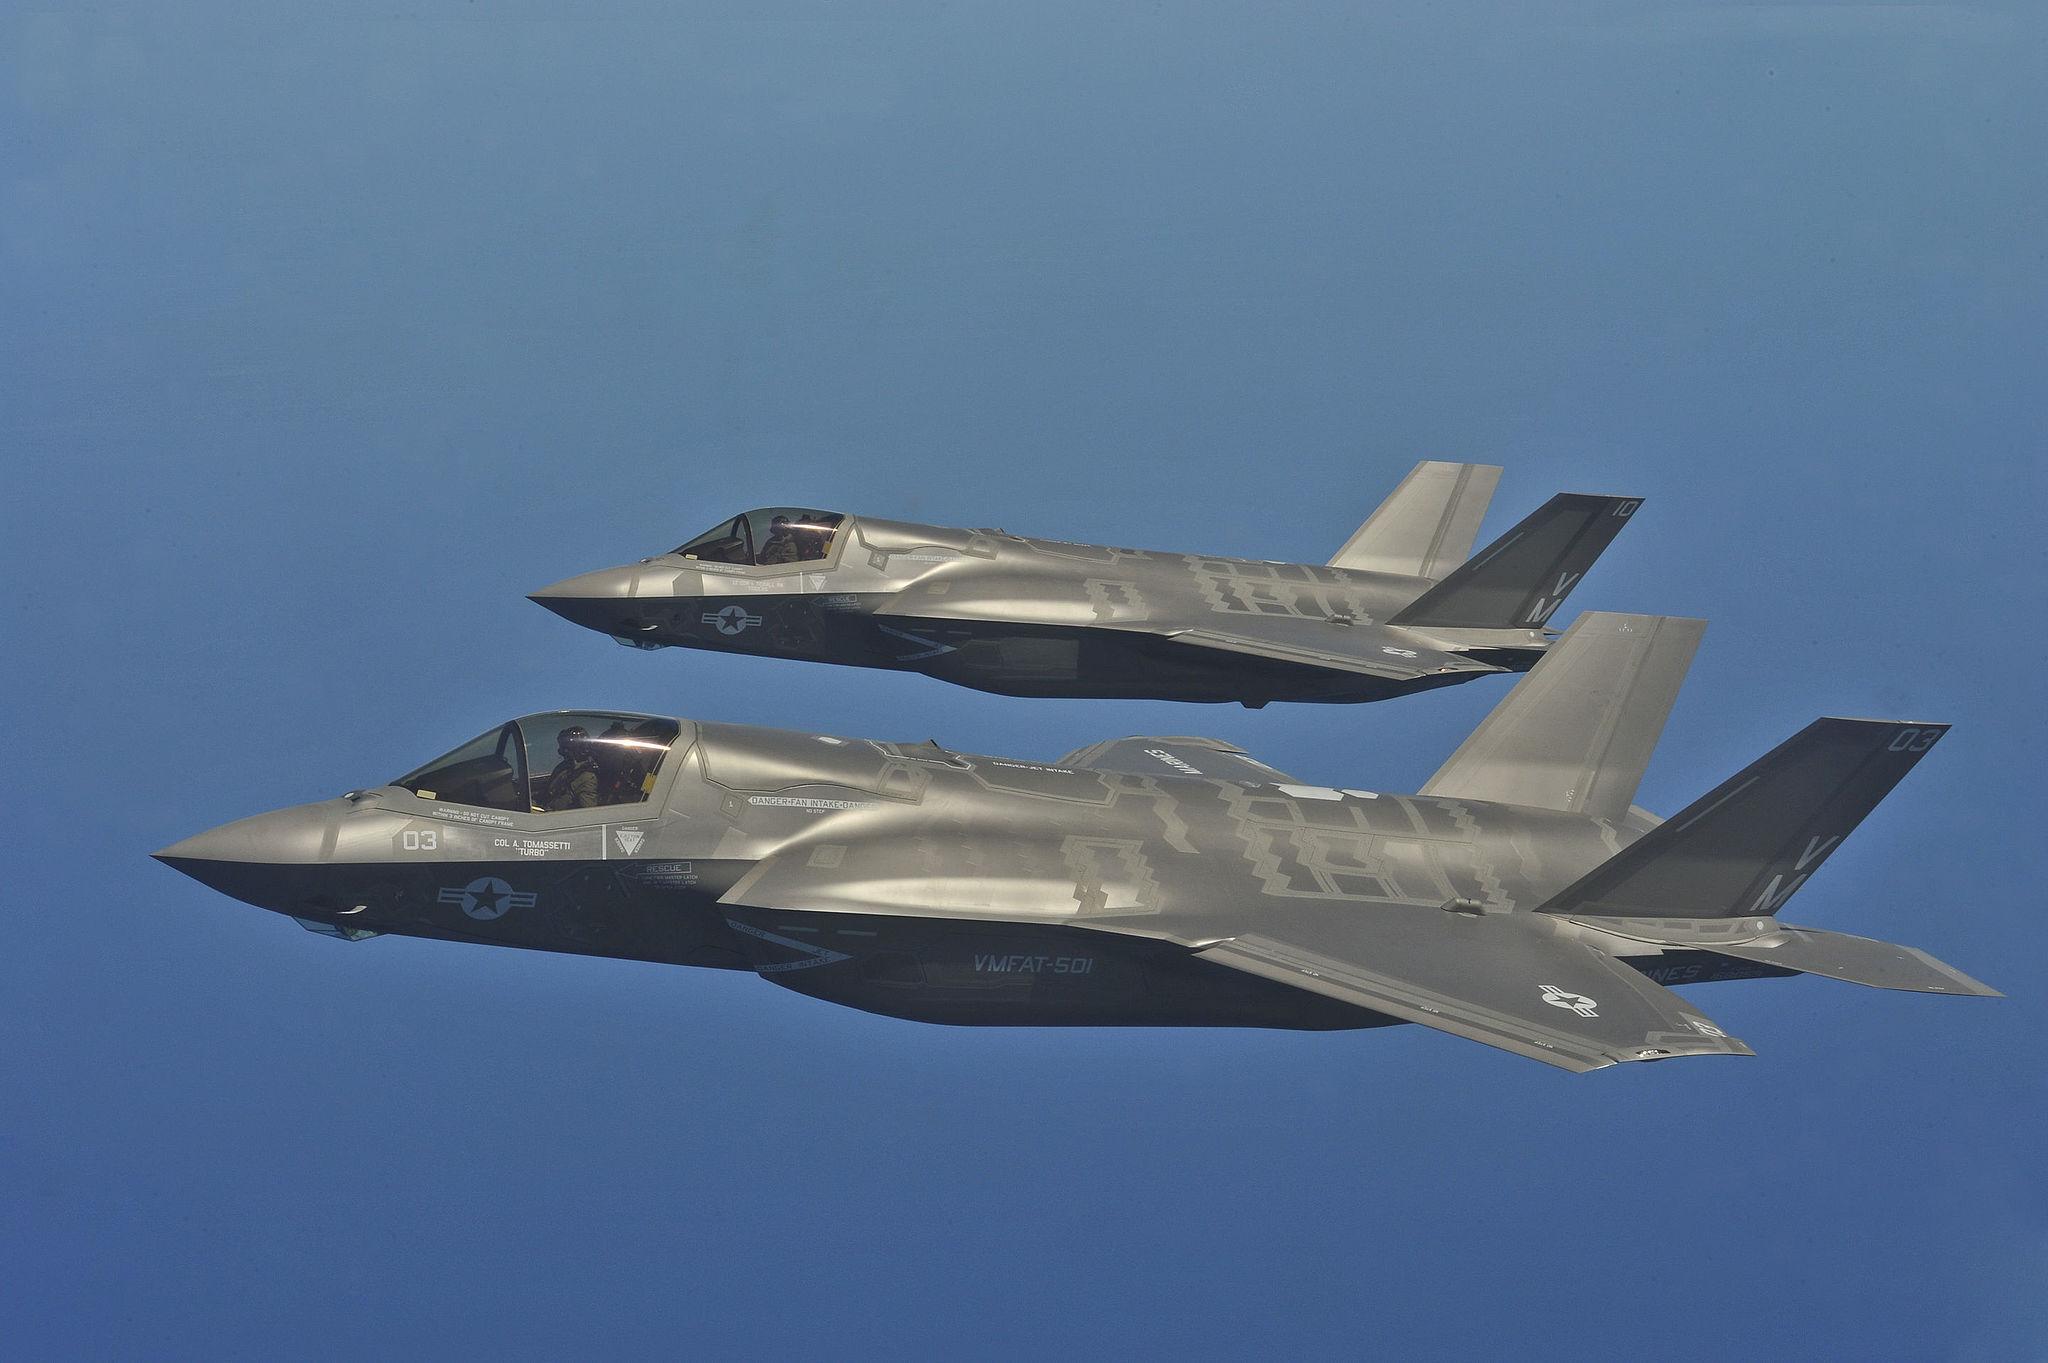 Norwegia kupi samoloty F-35